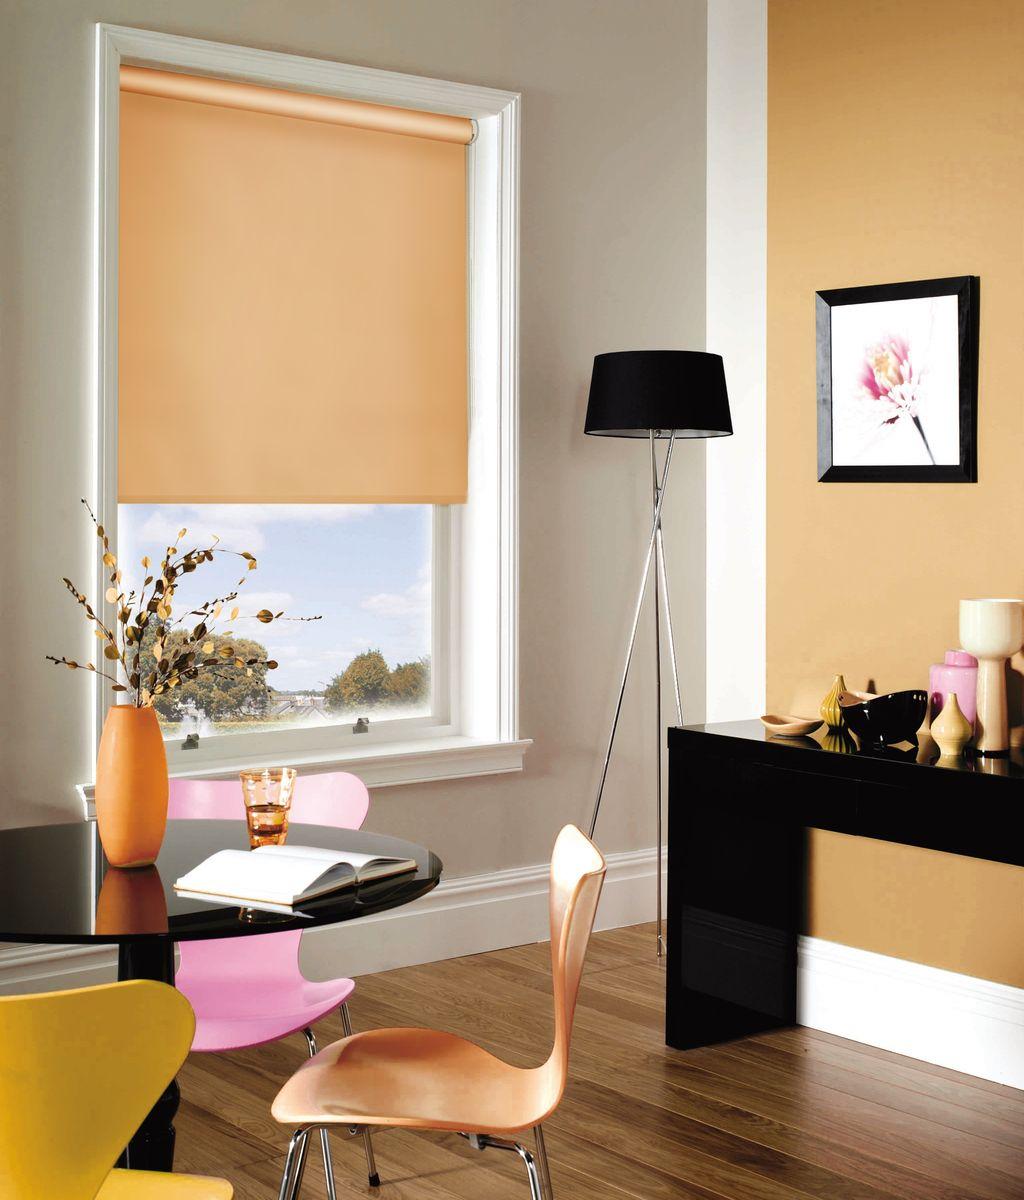 Штора рулонная Эскар Миниролло, цвет: абрикос, ширина 48 см, высота 170 см31012048170Рулонными шторами можно оформлять окна как самостоятельно, так и использовать в комбинации с портьерами. Это поможет предотвратить выгорание дорогой ткани на солнце и соединит функционал рулонных с красотой навесных. Преимущества применения рулонных штор для пластиковых окон: - имеют прекрасный внешний вид: многообразие и фактурность материала изделия отлично смотрятся в любом интерьере;- многофункциональны: есть возможность подобрать шторы способные эффективно защитить комнату от солнца, при этом она не будет слишком темной. - Есть возможность осуществить быстрый монтаж.ВНИМАНИЕ! Размеры ширины изделия указаны по ширине ткани! Во время эксплуатации не рекомендуется полностью разматывать рулон, чтобы не оторвать ткань от намоточного вала. В случае загрязнения поверхности ткани, чистку шторы проводят одним из способов, в зависимости от типа загрязнения:легкое поверхностное загрязнение можно удалить при помощи канцелярского ластика;чистка от пыли производится сухим методом при помощи пылесоса с мягкой щеткой-насадкой;для удаления пятна используйте мягкую губку с пенообразующим неагрессивным моющим средством или пятновыводитель на натуральной основе (нельзя применять растворители).